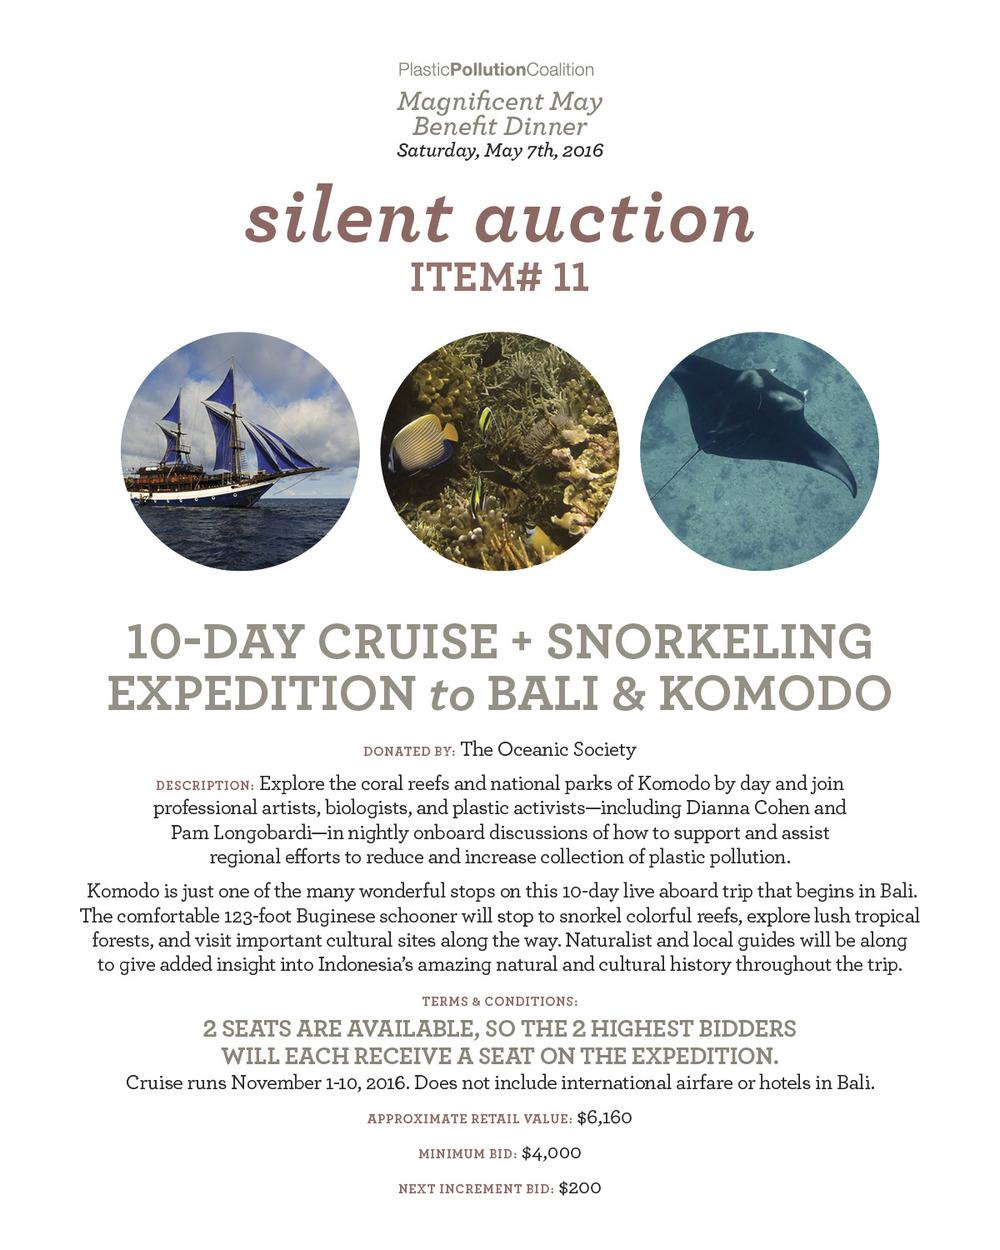 10-day bali cruise